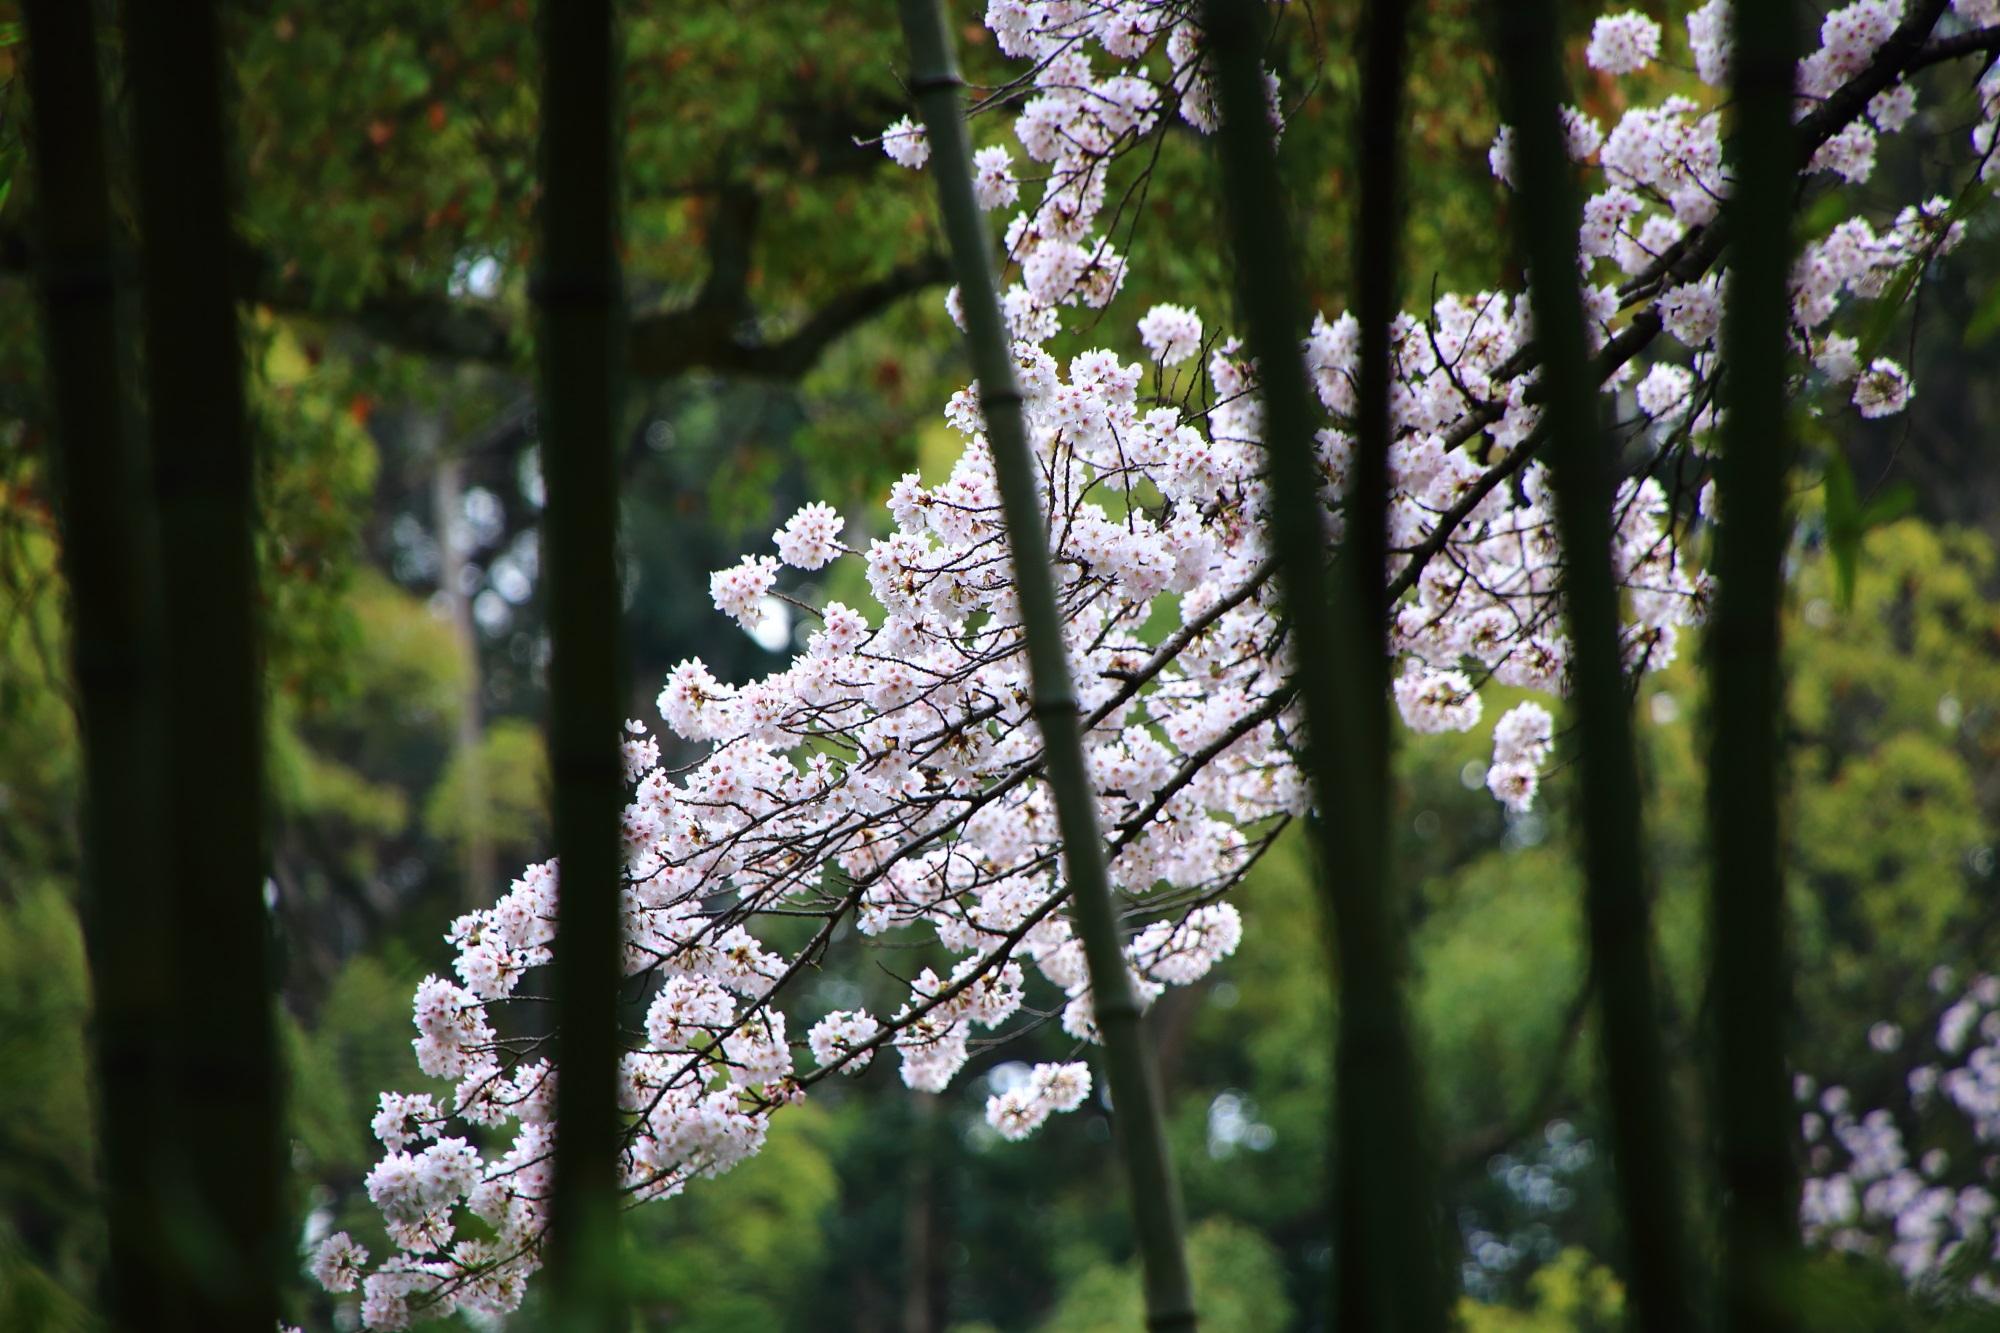 竹の向こうに咲く華やかな桜